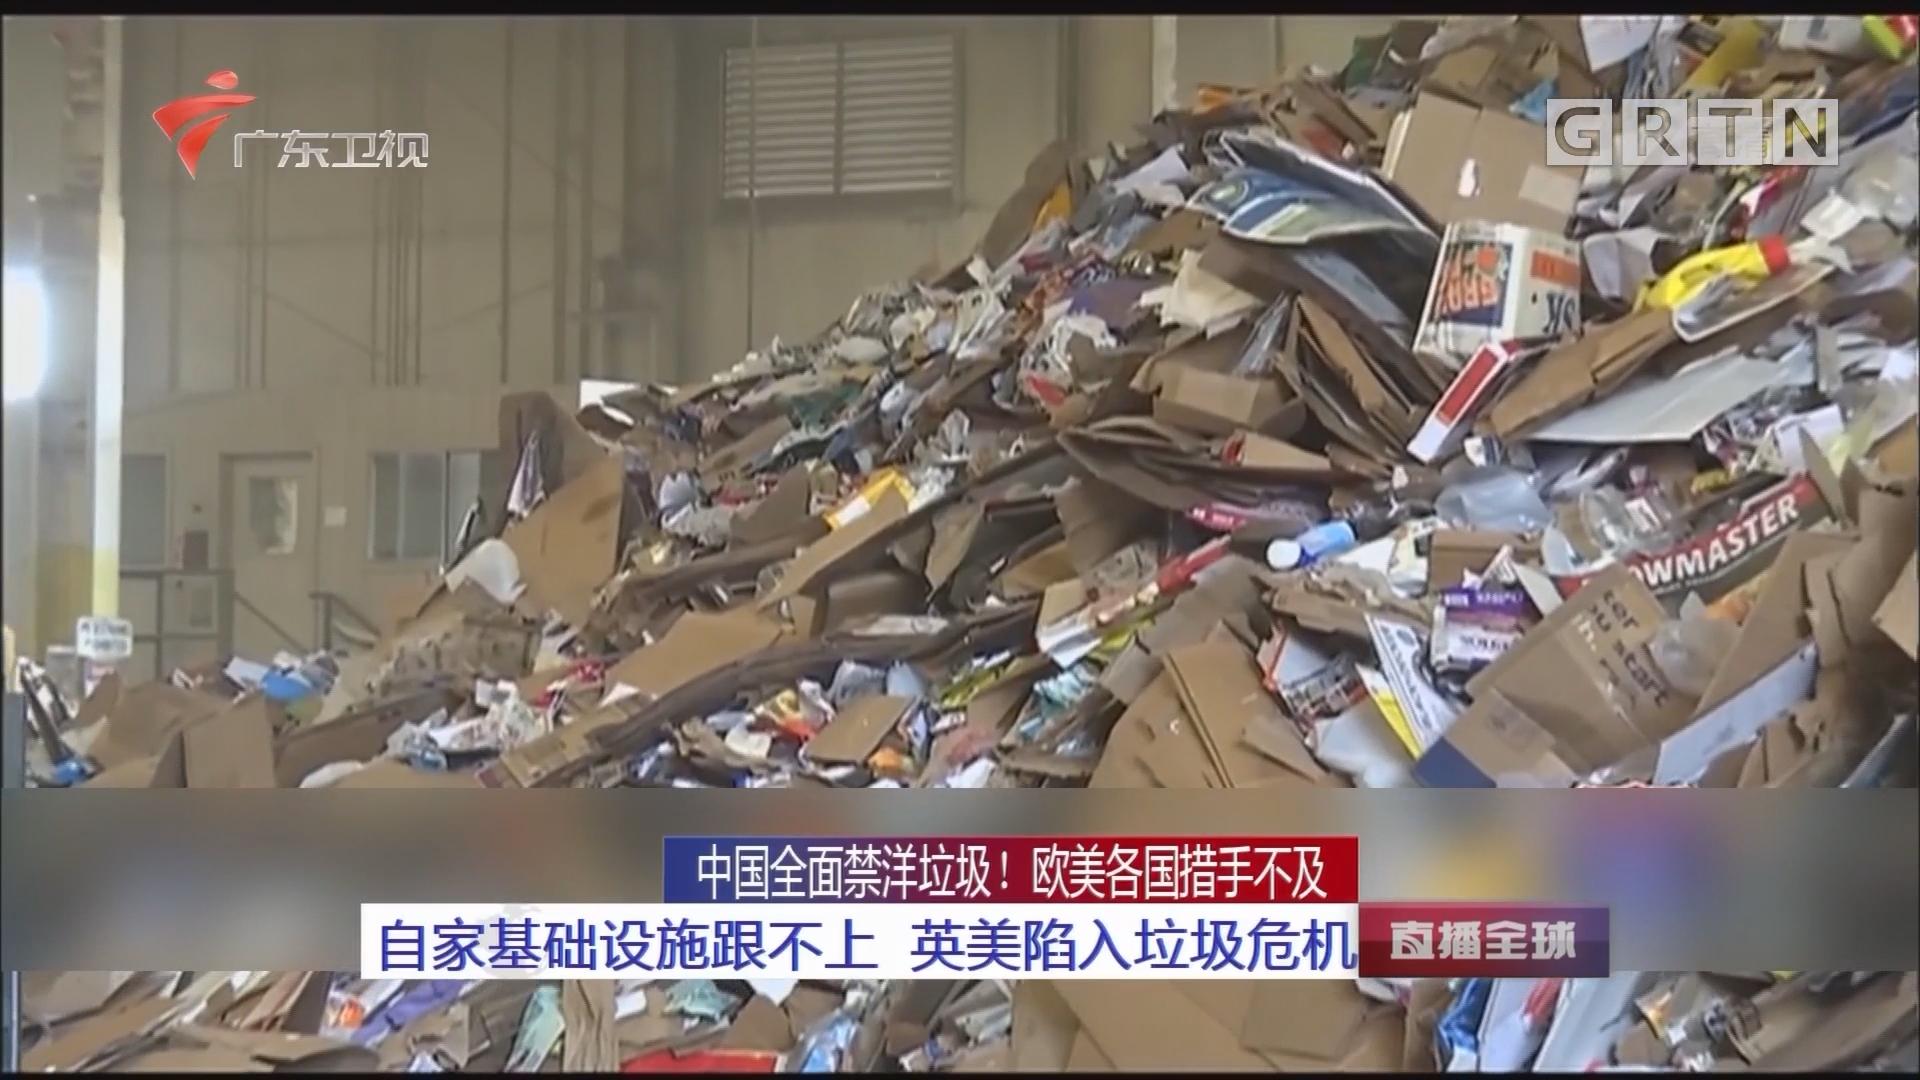 中国全面禁洋垃圾!欧美各国措手不及:自家基础设施跟不上 英美陷入垃圾危机